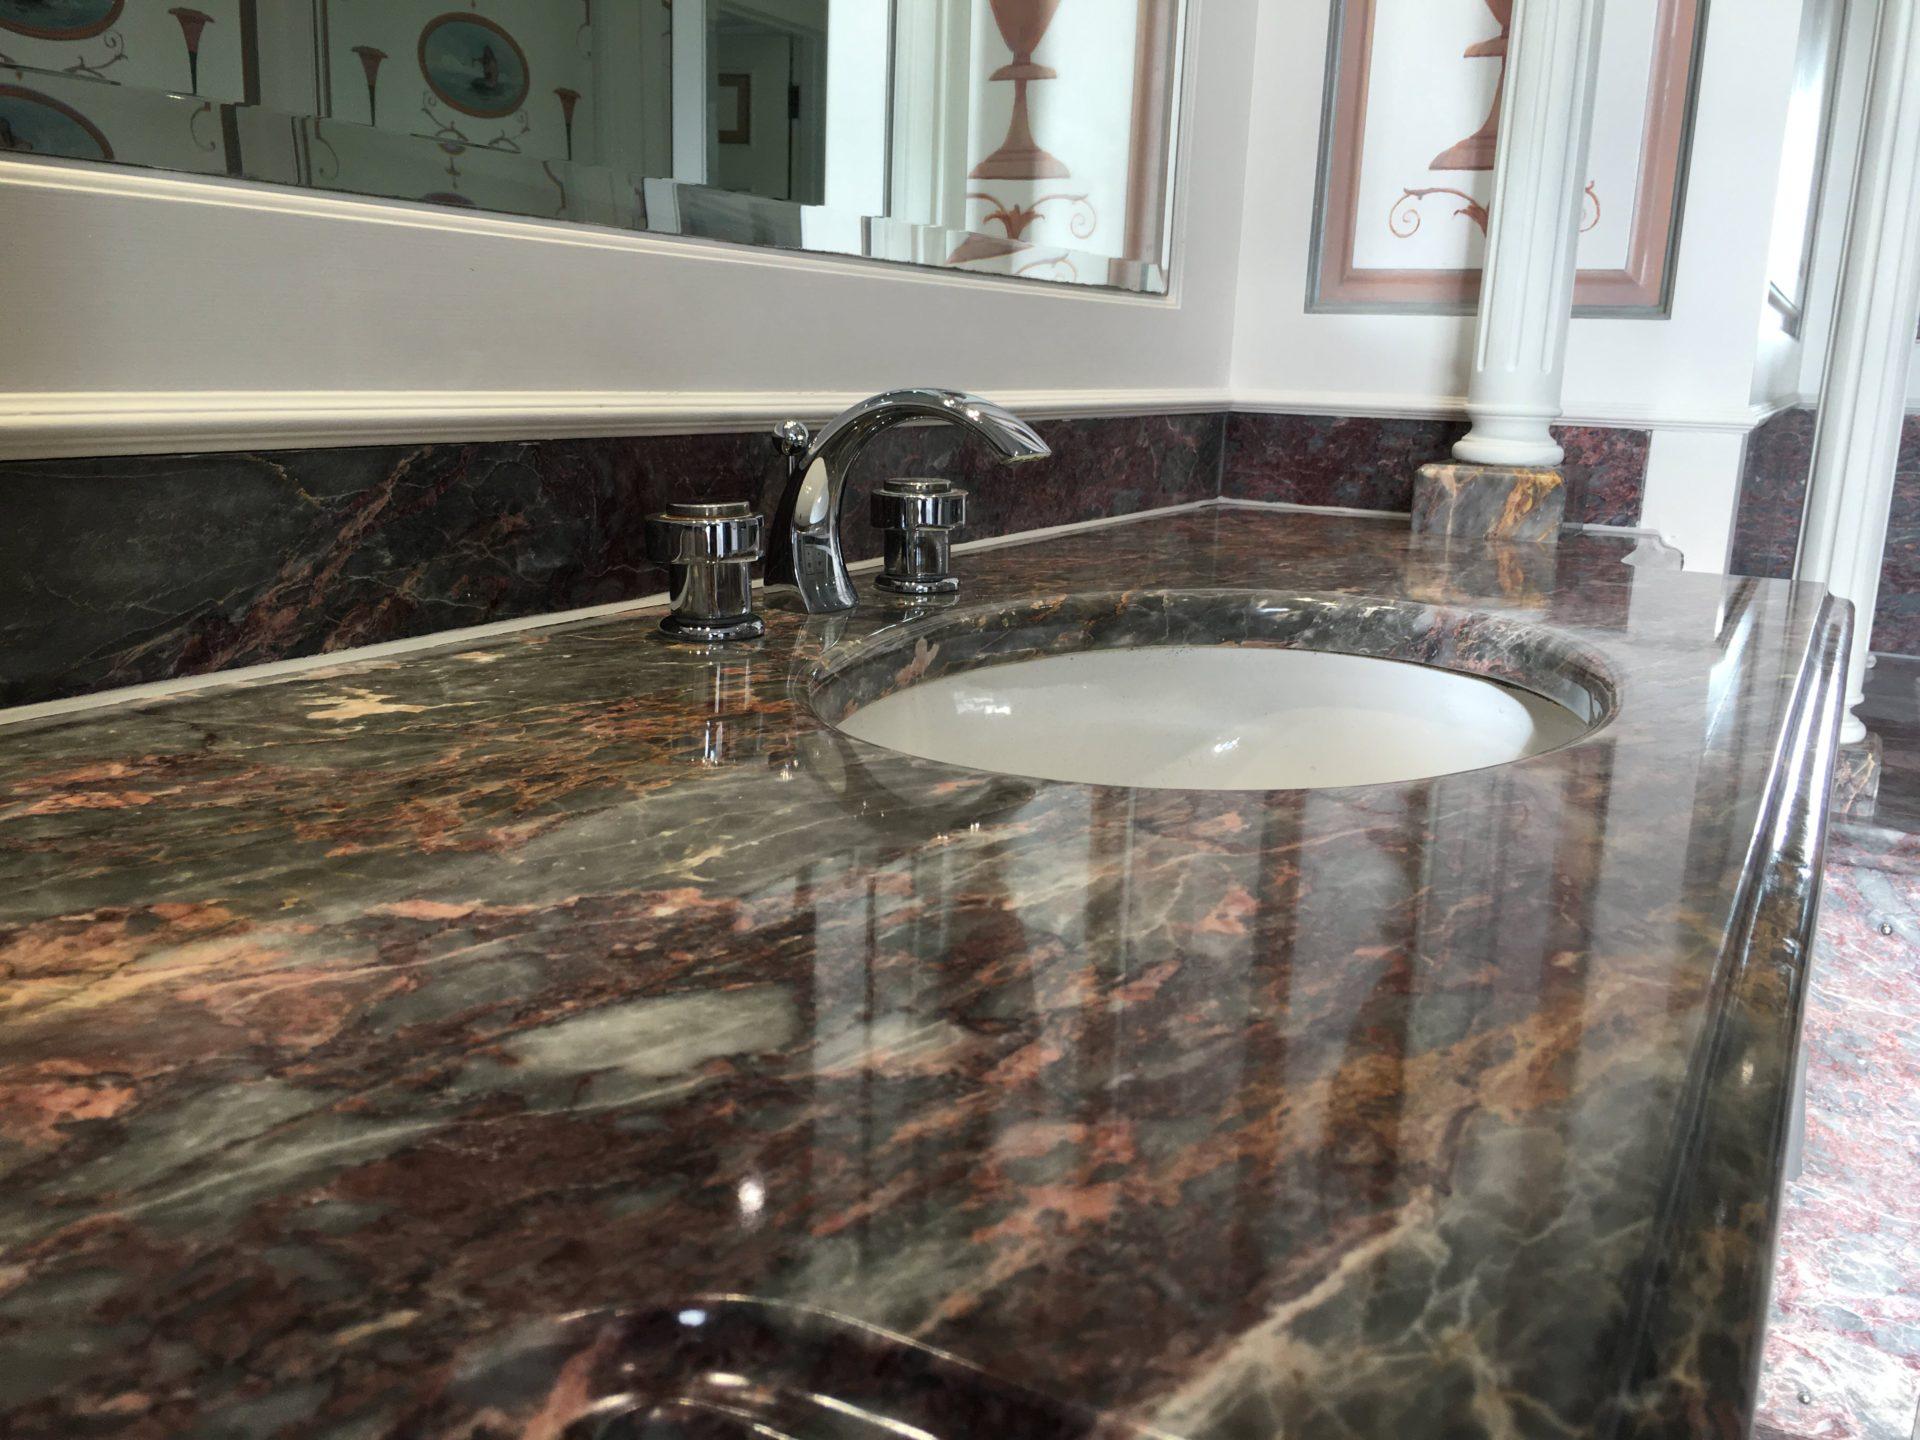 Marble bathroom vanity top cleaning polishing sealing - How to clean marble bathroom vanity top ...